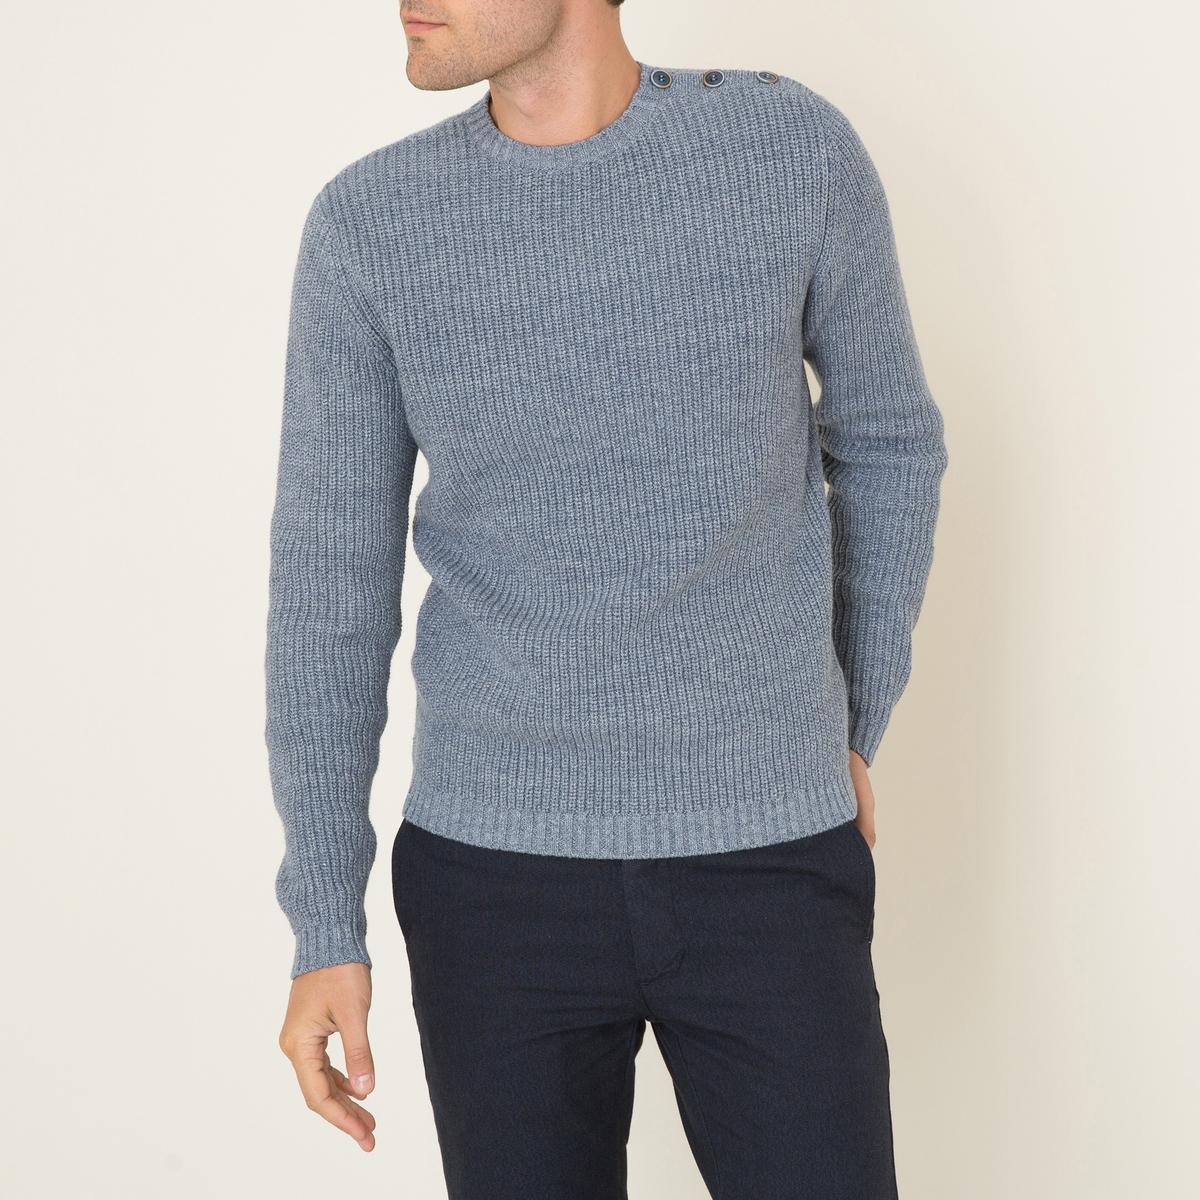 Пуловер SAMUIПуловер HARRIS WILSON - модель SAMUI. Трикотаж крупной вязки. Круглый вырез. Пуговицы в тон на плече. Края выреза, рукавов и низа связаны в рубчик.Состав и описание Материал : 100% хлопокМарка : HARRIS WILSON<br><br>Цвет: сине-серый